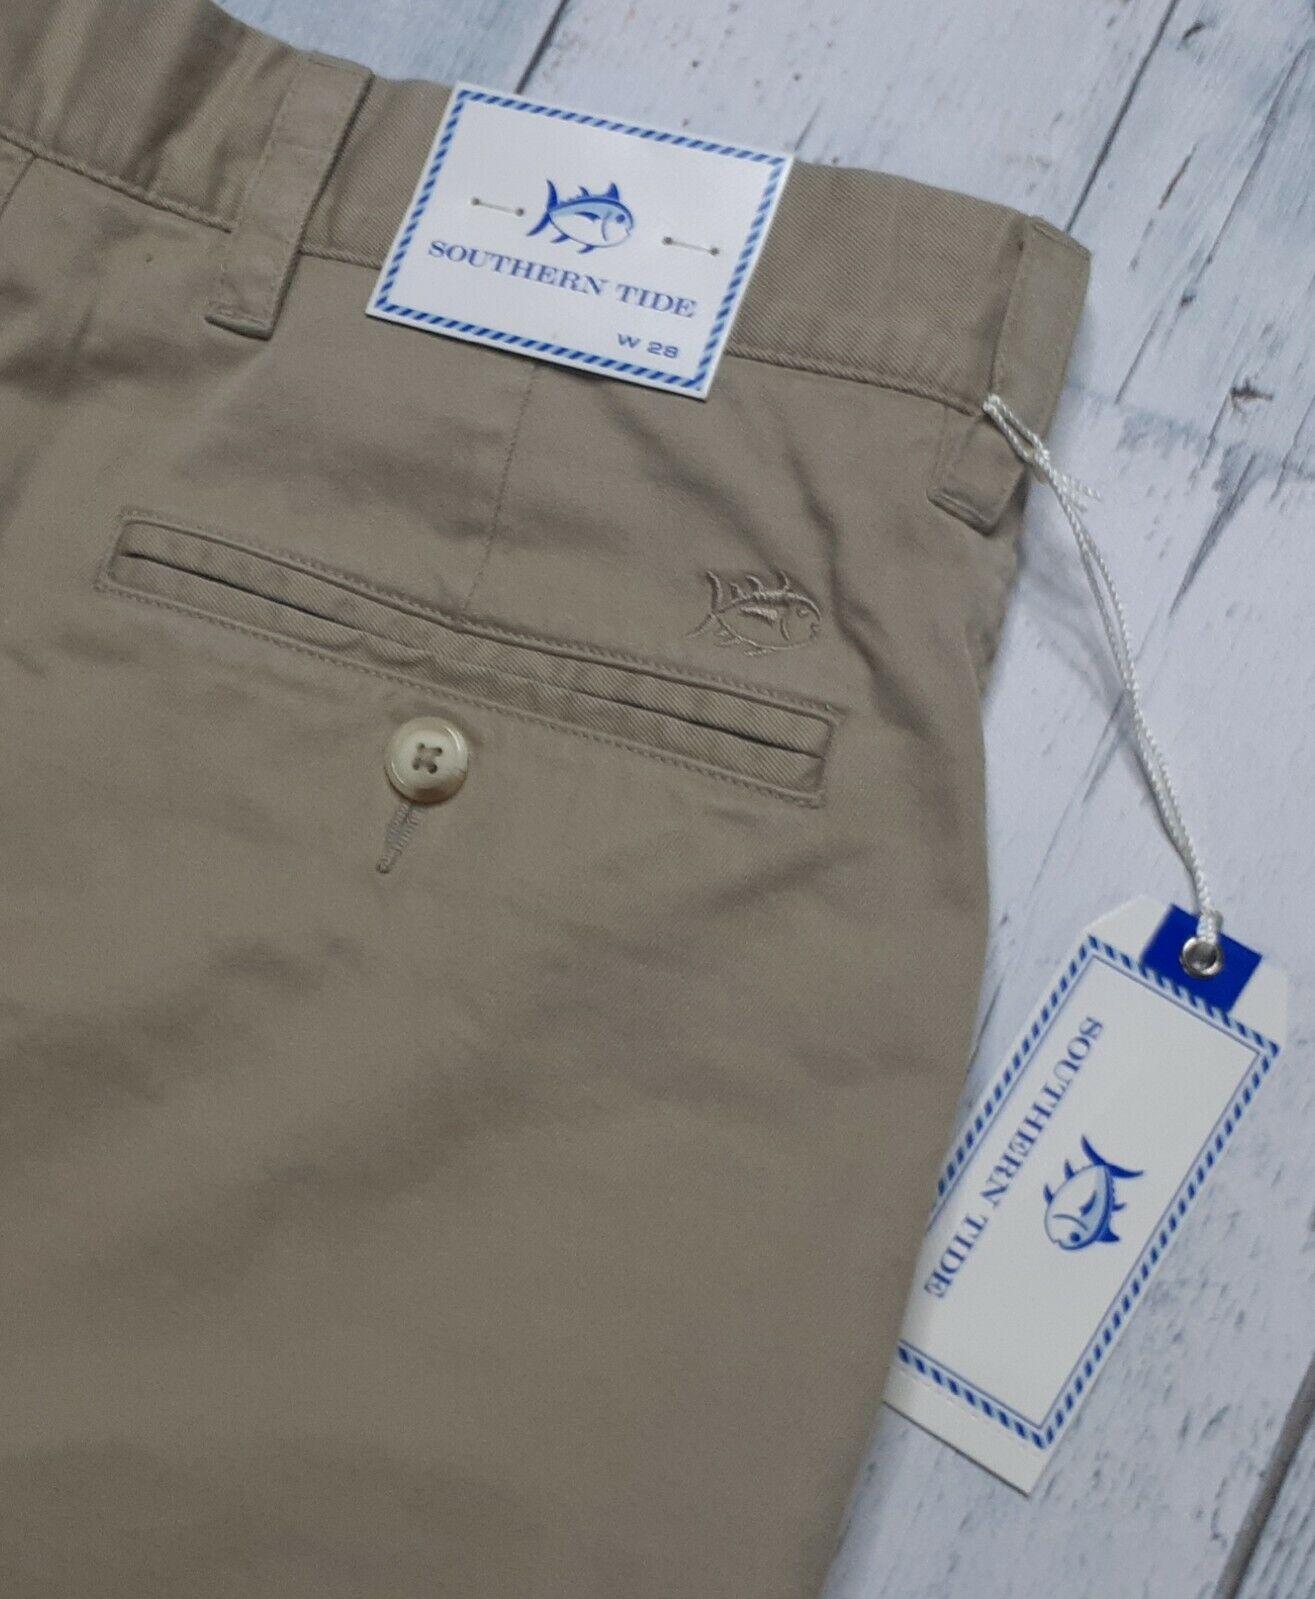 ! nuevo! Southern Tide Para hombres Talla 28 Barrilete Pantalones Cortos de frente plano Beis Nuevo con etiquetas